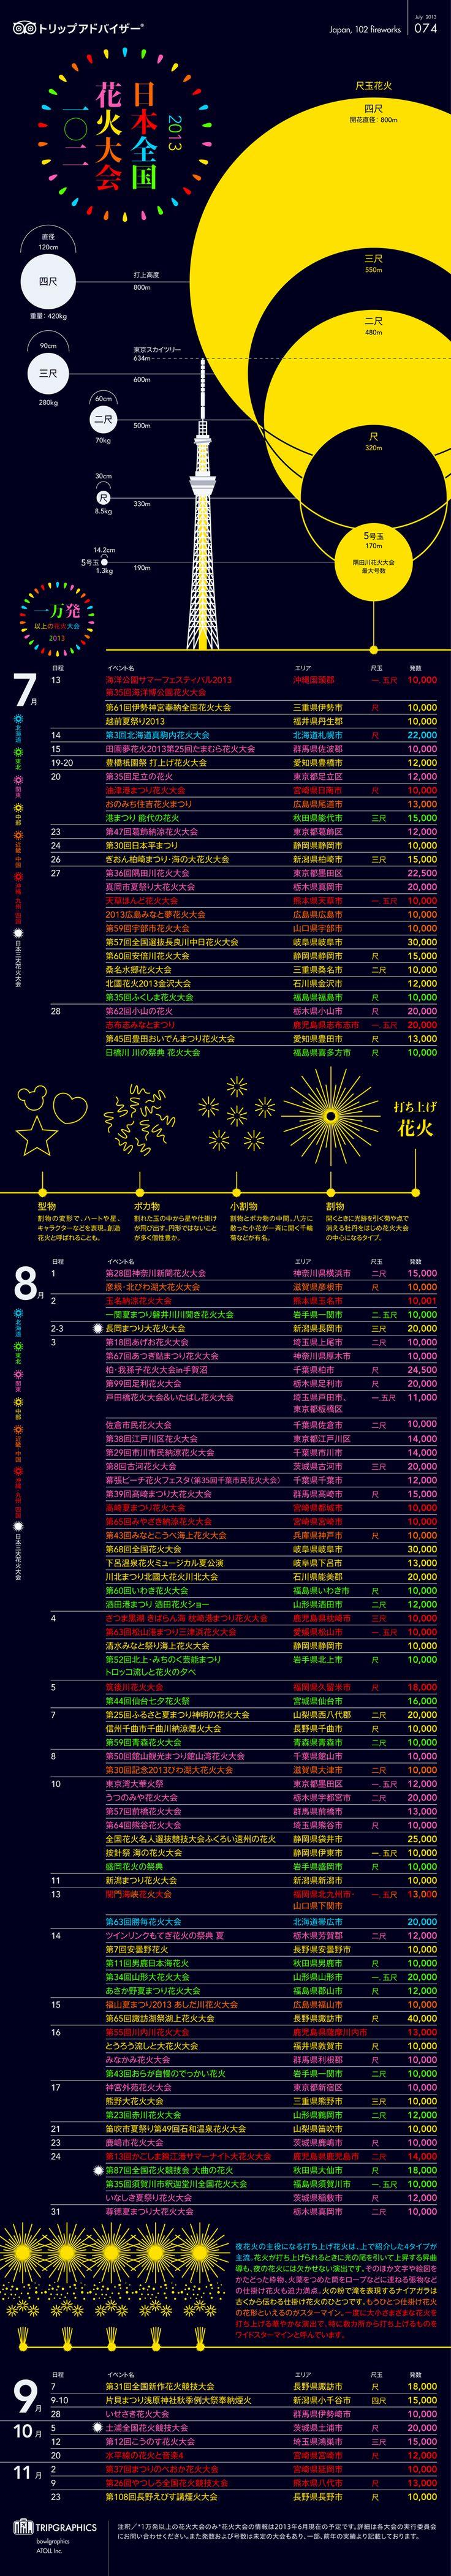 日本全国花火大会スケジュール トリップアドバイザーのインフォグラフィックスで世界の旅が見える